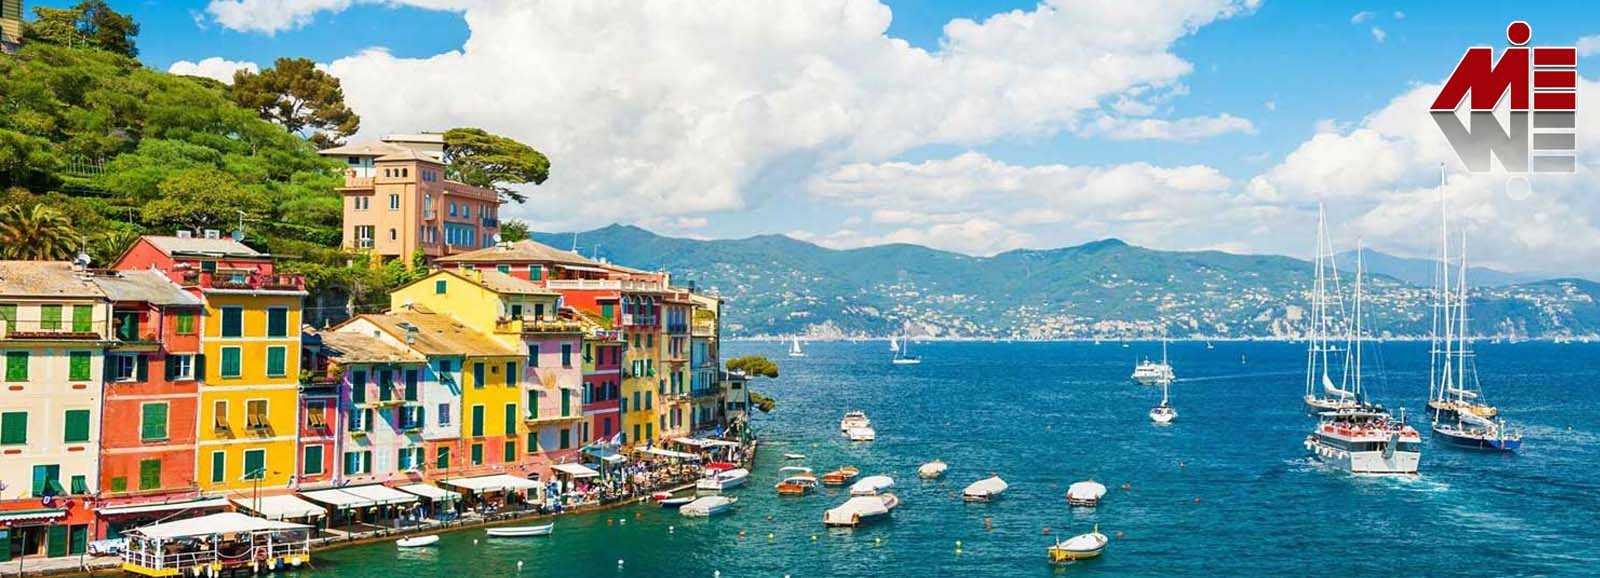 تولد در ایتالیا 6 تولد در ایتالیا